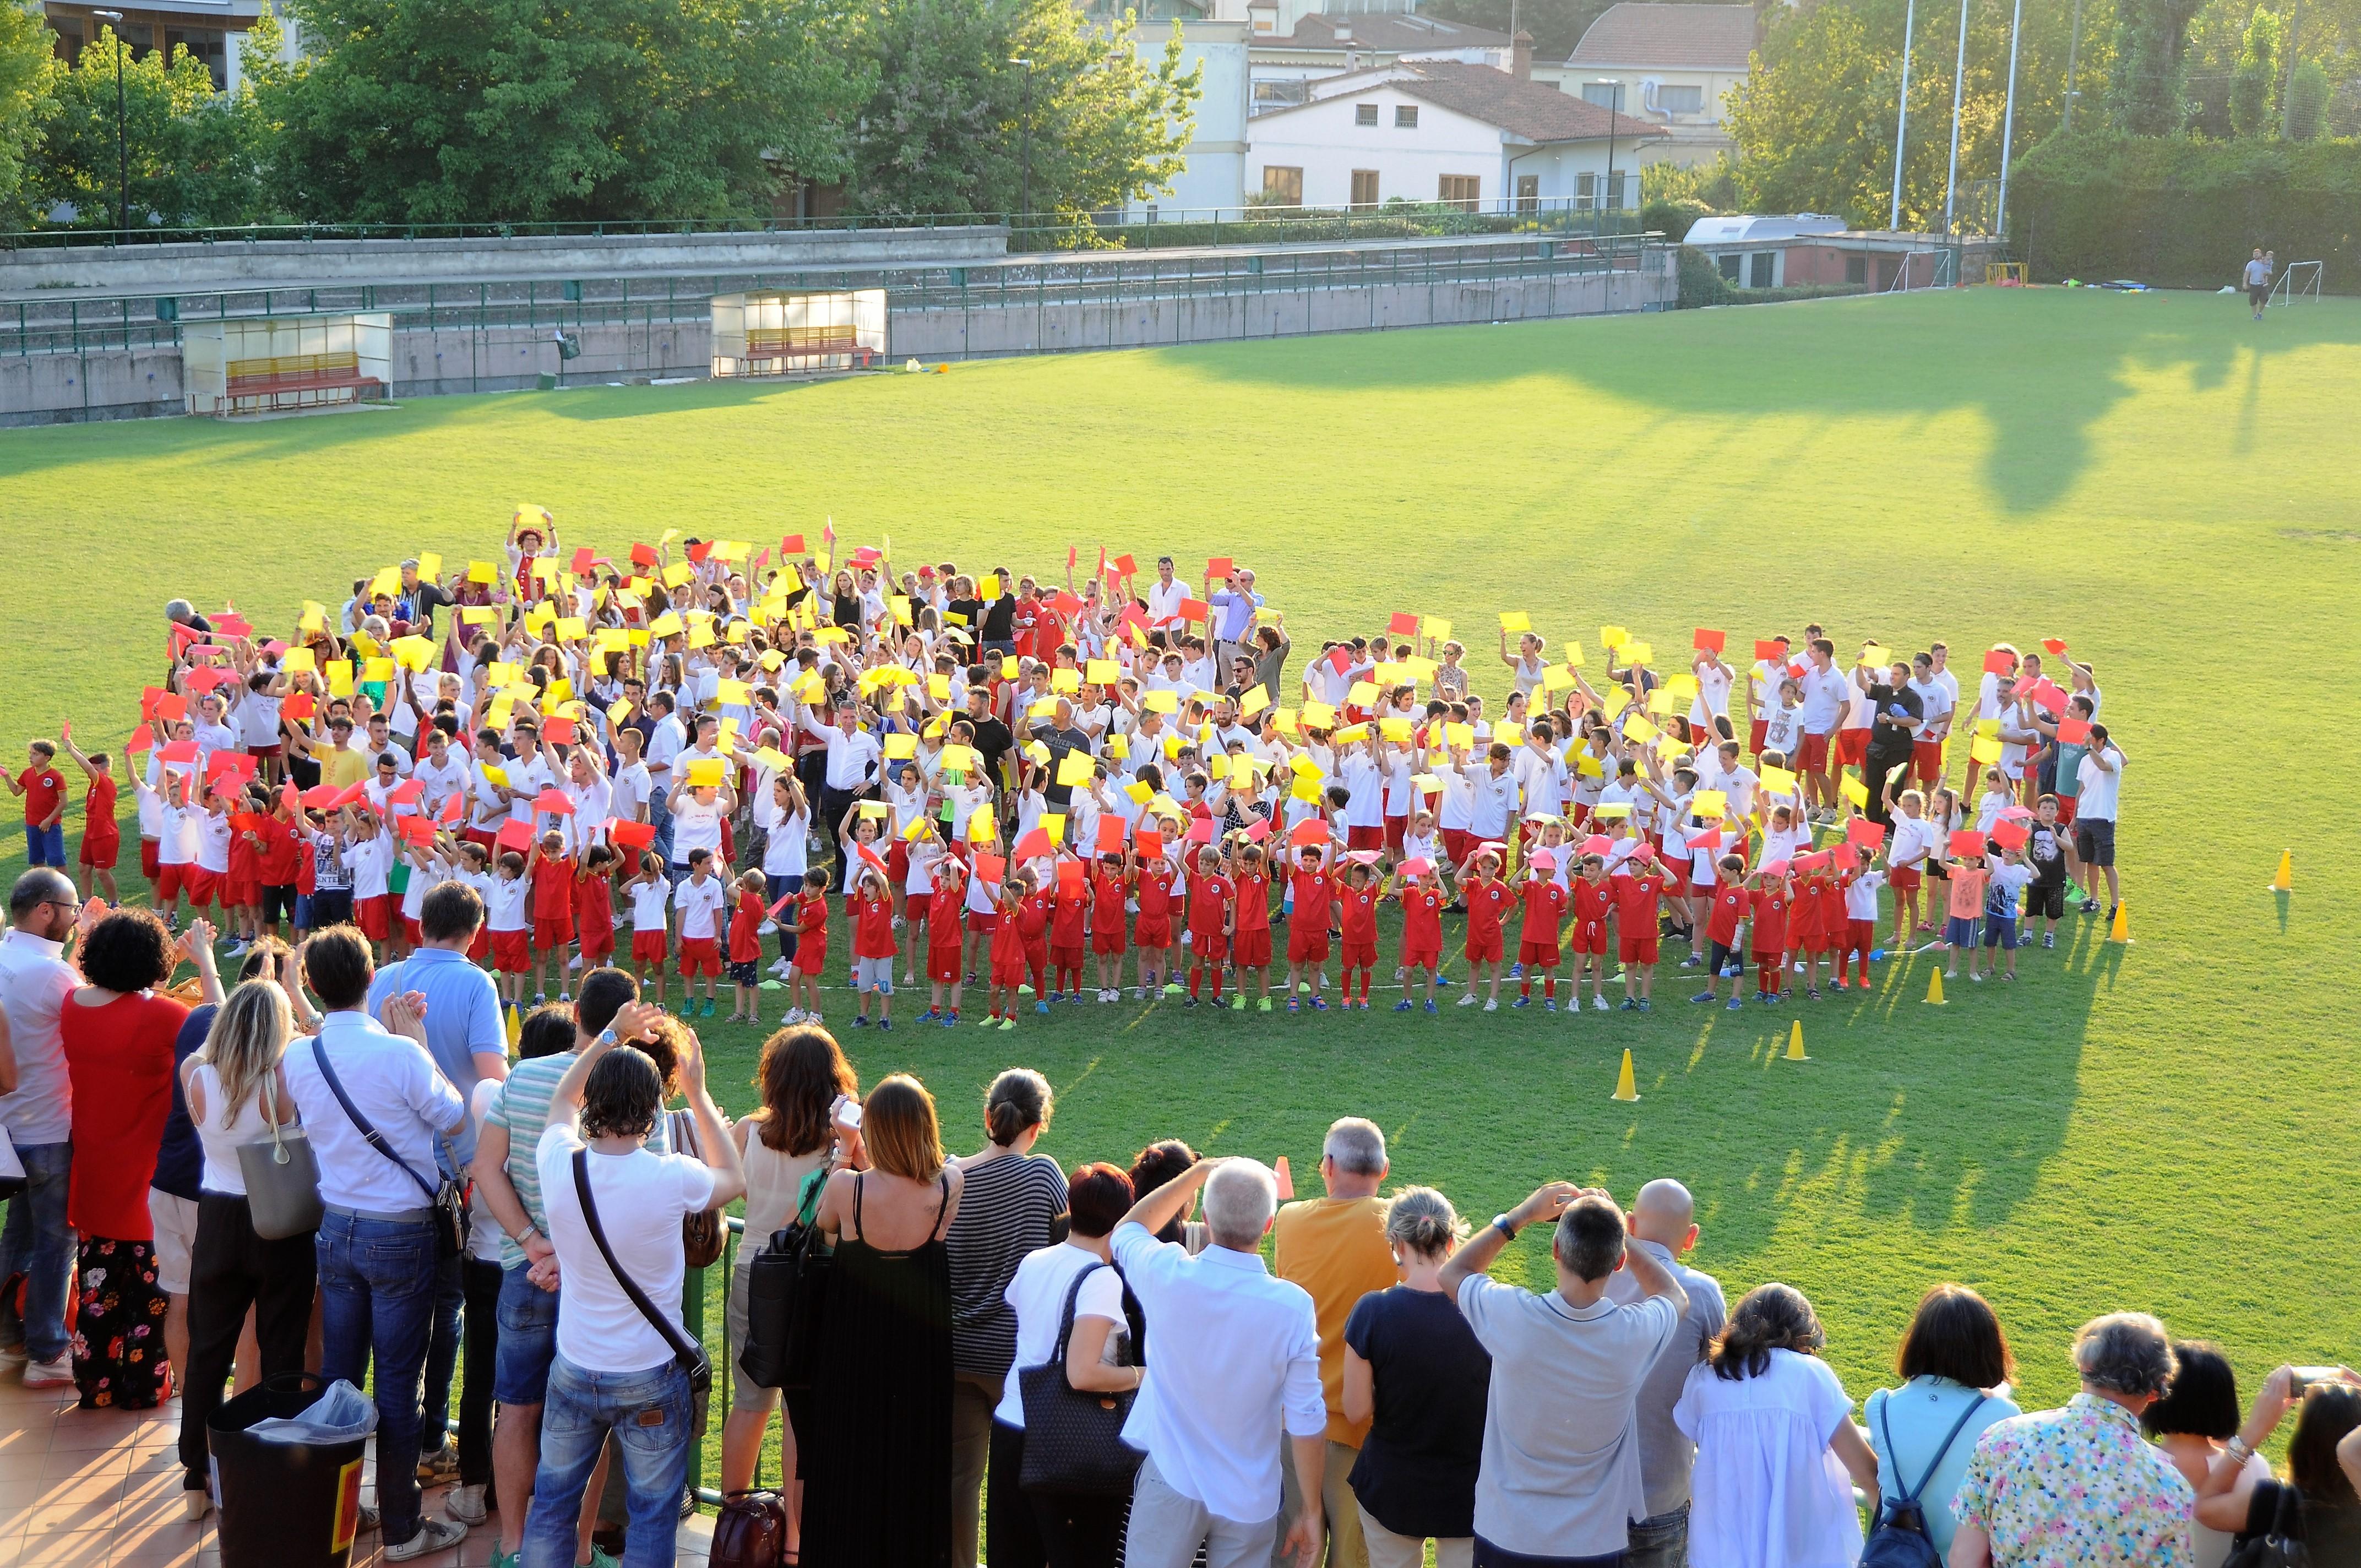 Ecco le immagini della festa della Comunità del 15 giugno